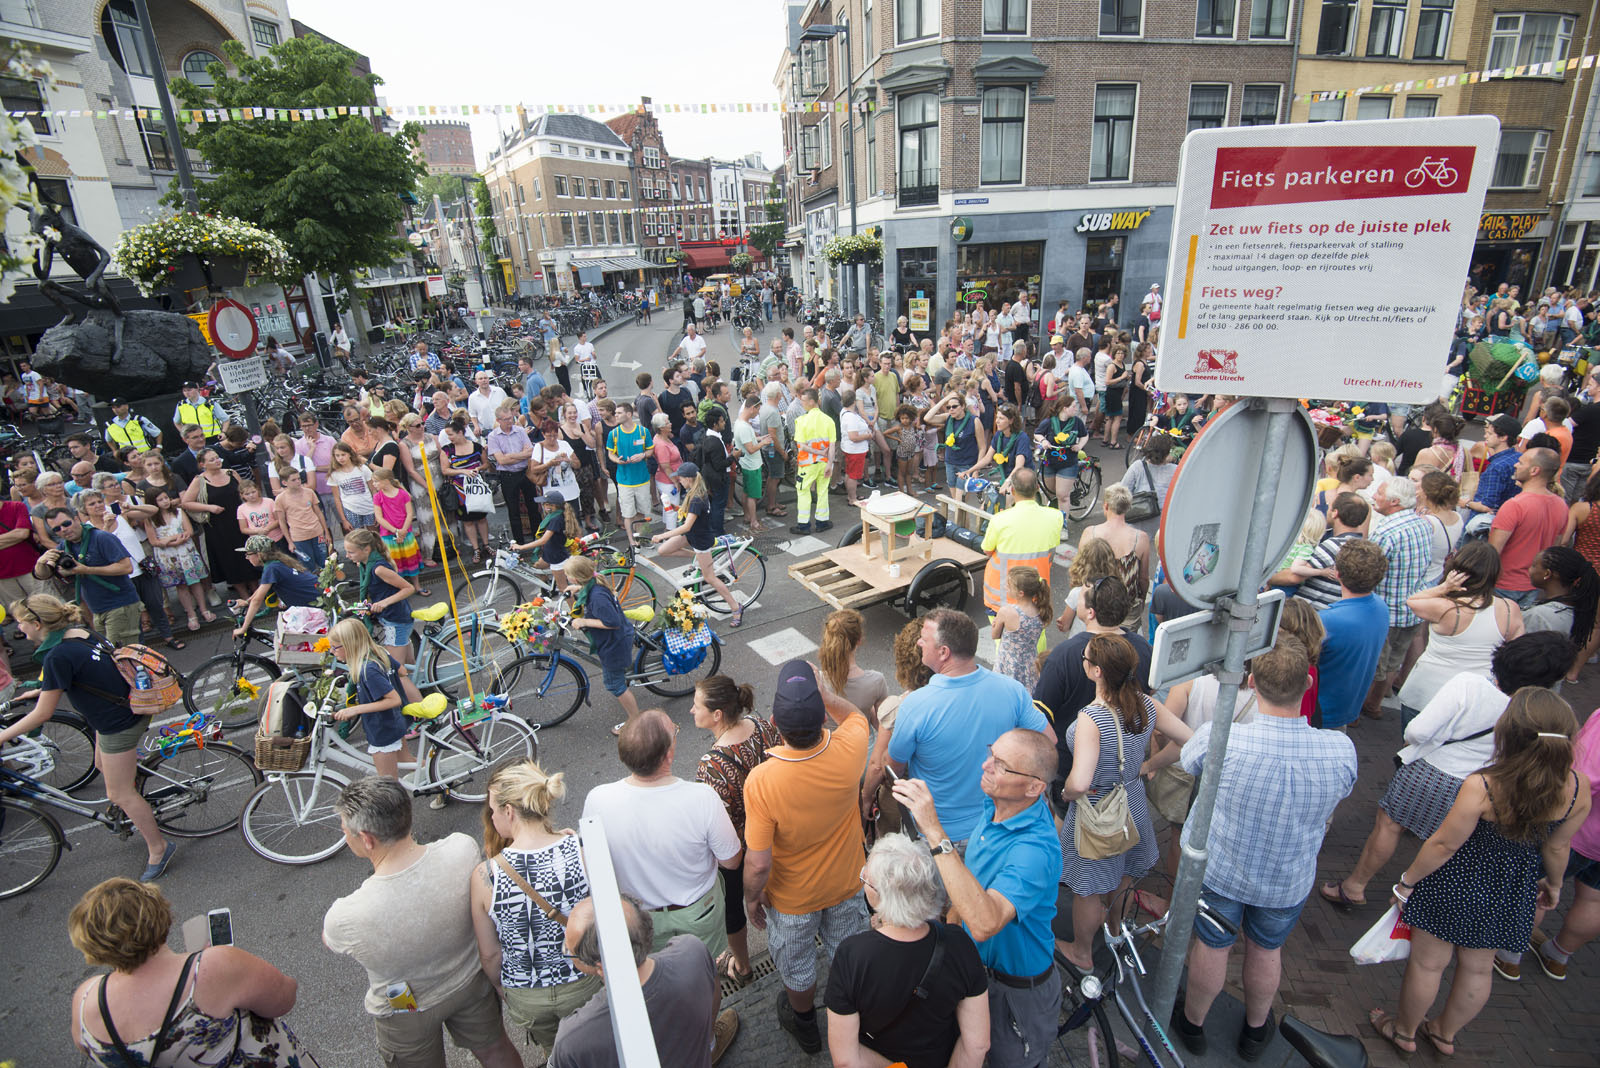 La Caravane d'Utrecht trekt door de stad